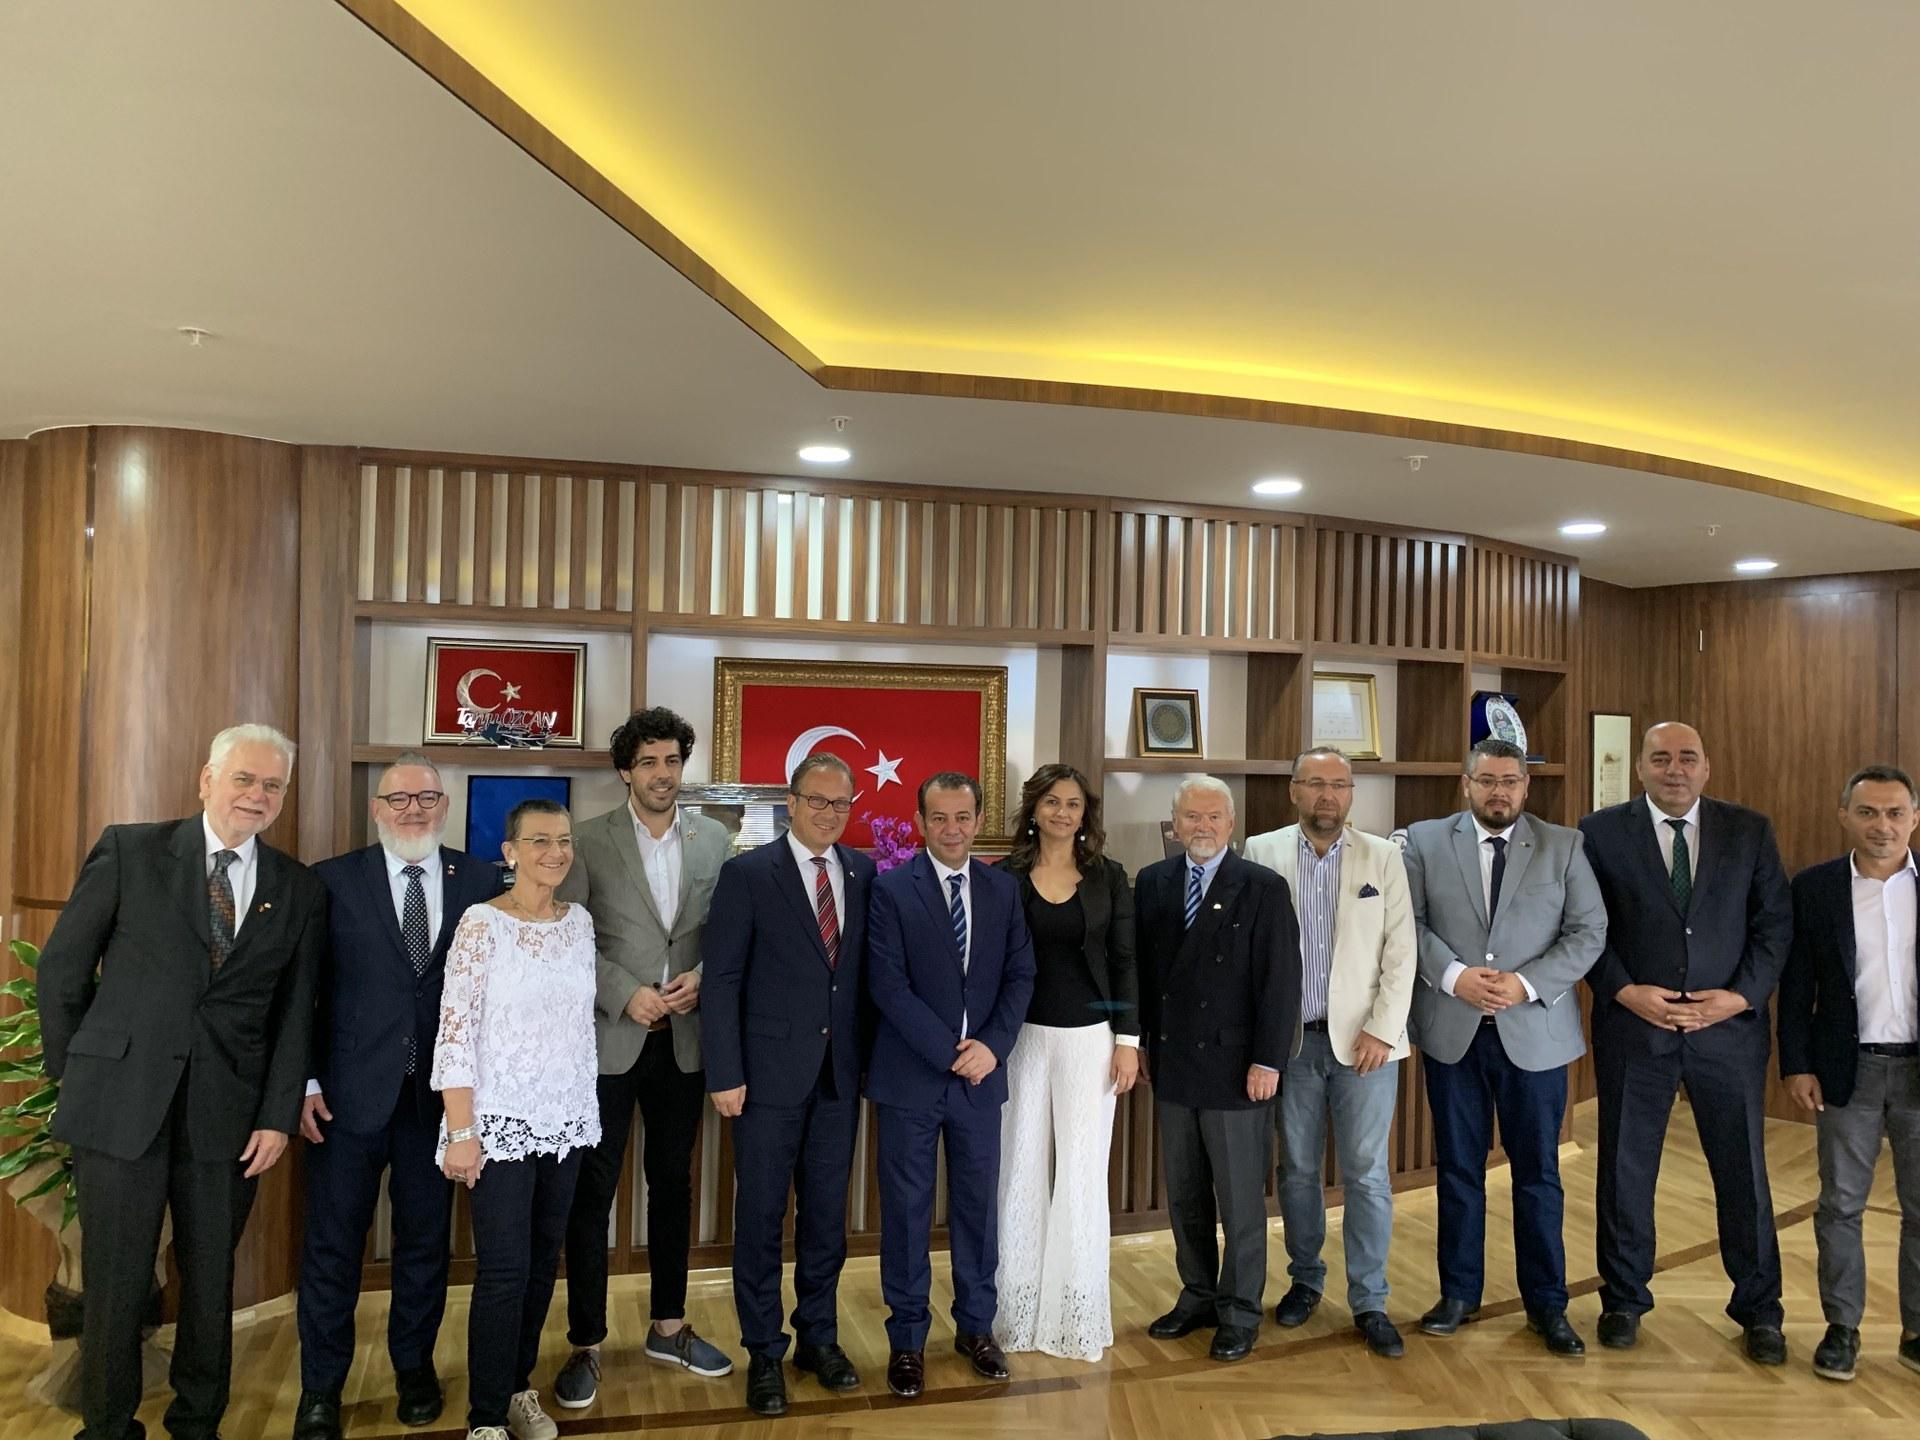 2019-08-13 Delegationsreise in die Tuerkei 4.jpg